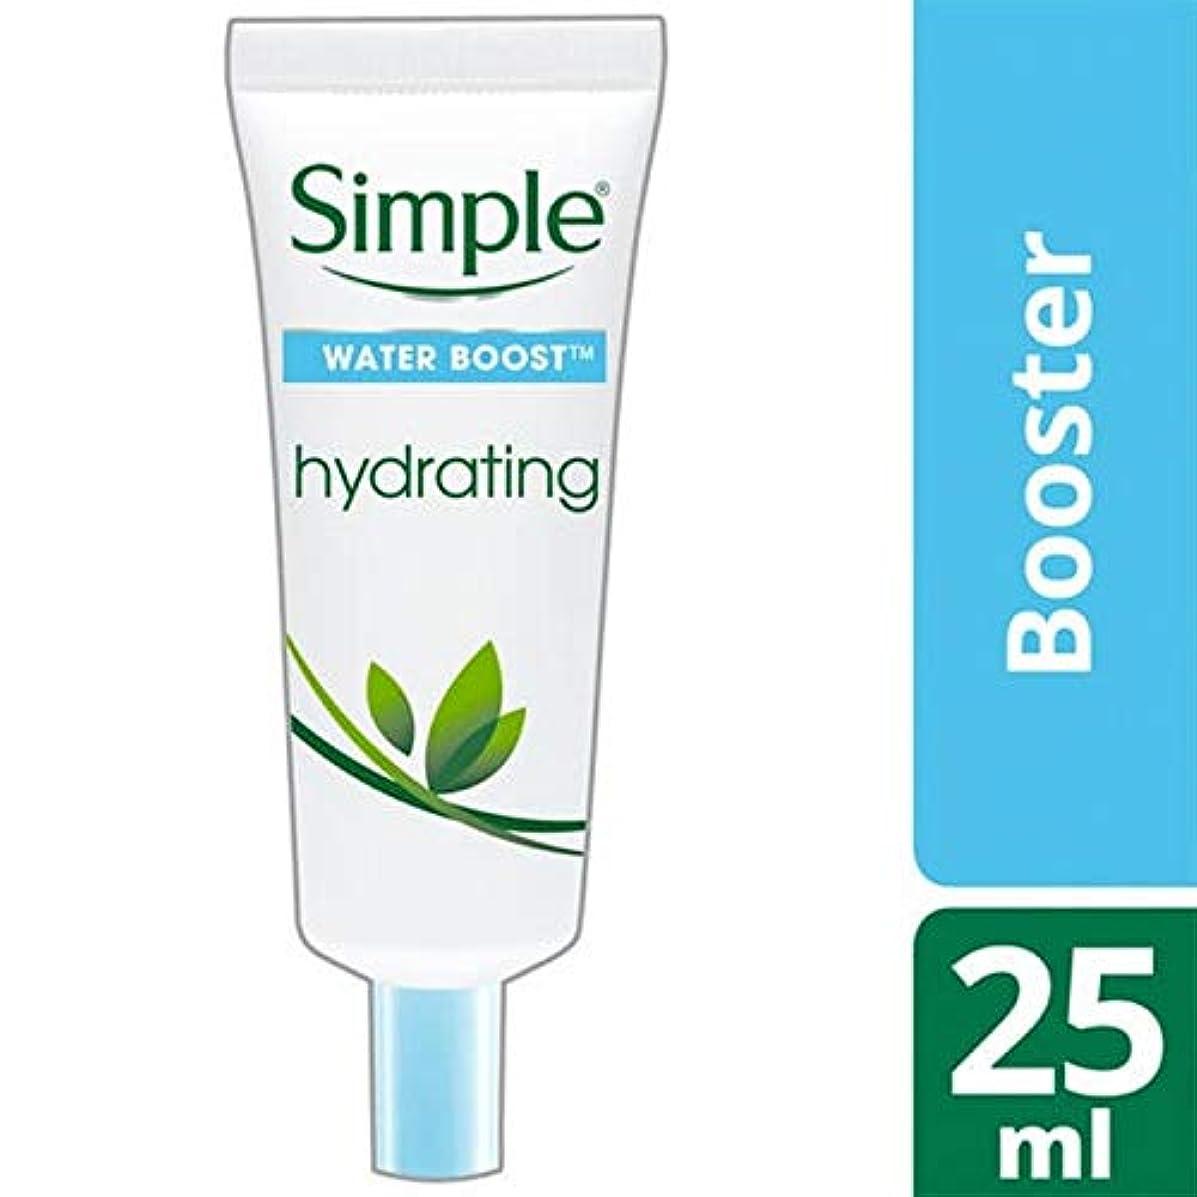 特派員歩行者エレメンタル[Simple ] シンプルな水ブースト水和ブースター25ミリリットル - Simple Water Boost Hydrating Booster 25ml [並行輸入品]